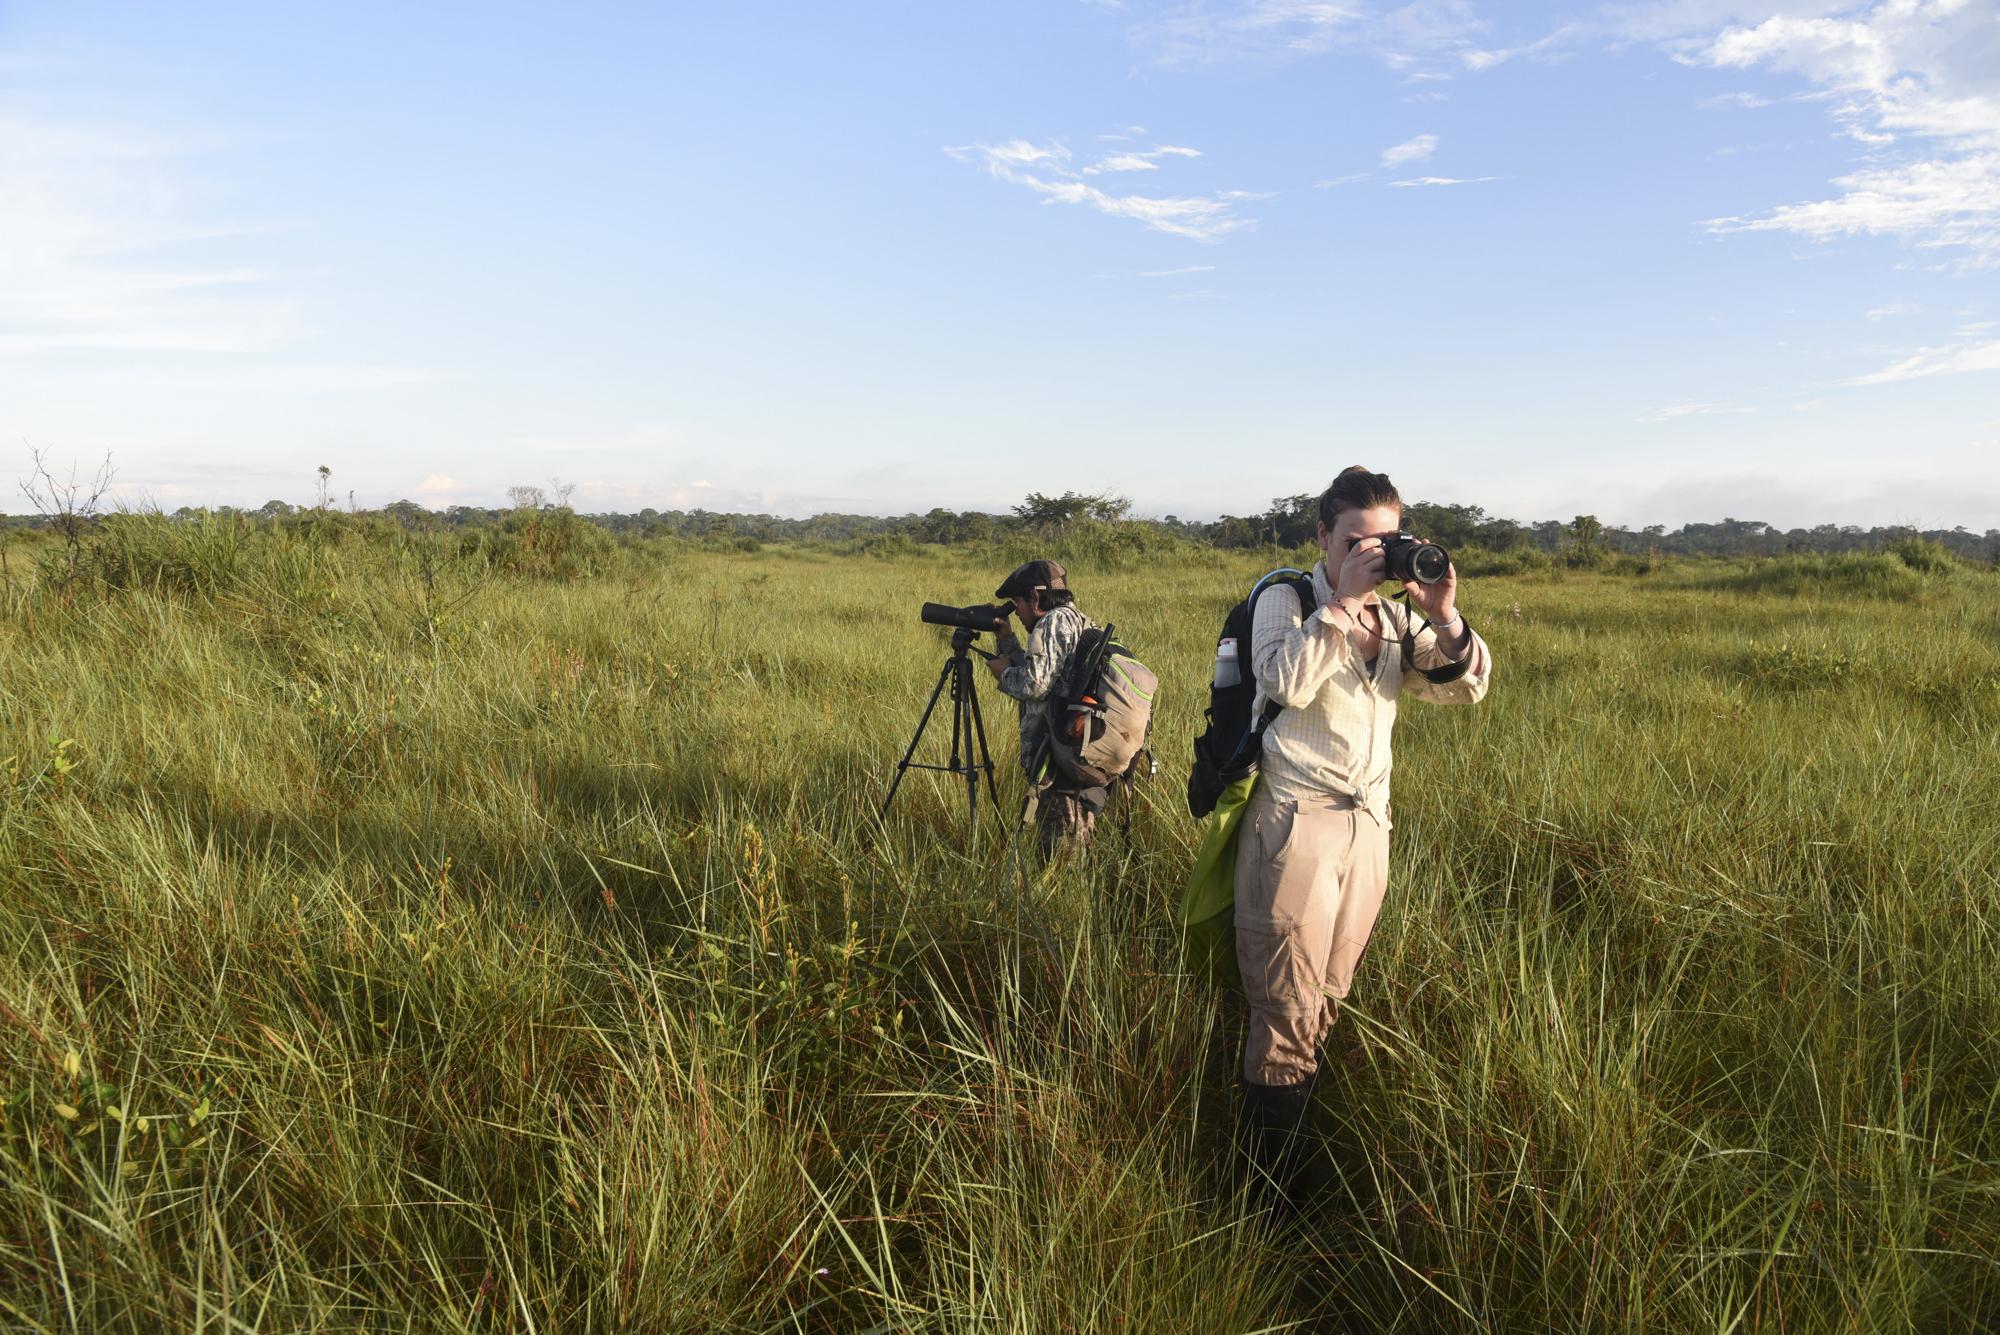 Yohamir and Maisie survey the grassland for bird species.